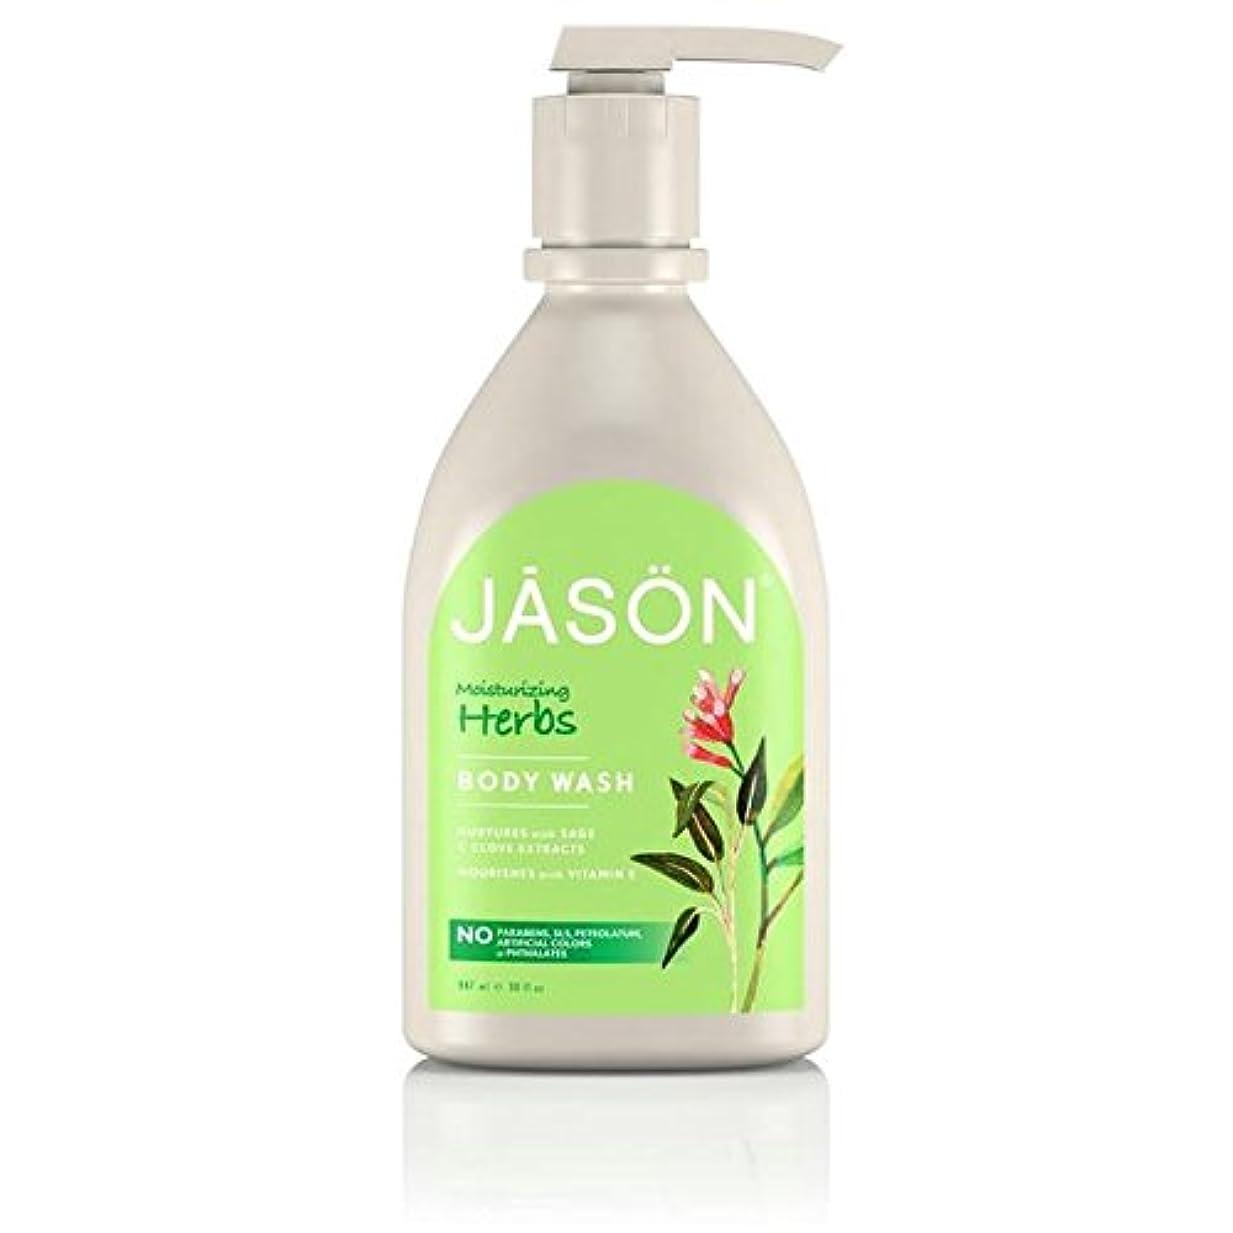 シェア黙認する物質Jason Herbal Satin Body Wash Pump 900ml - ジェイソン?ハーブサテンボディウォッシュポンプ900ミリリットル [並行輸入品]